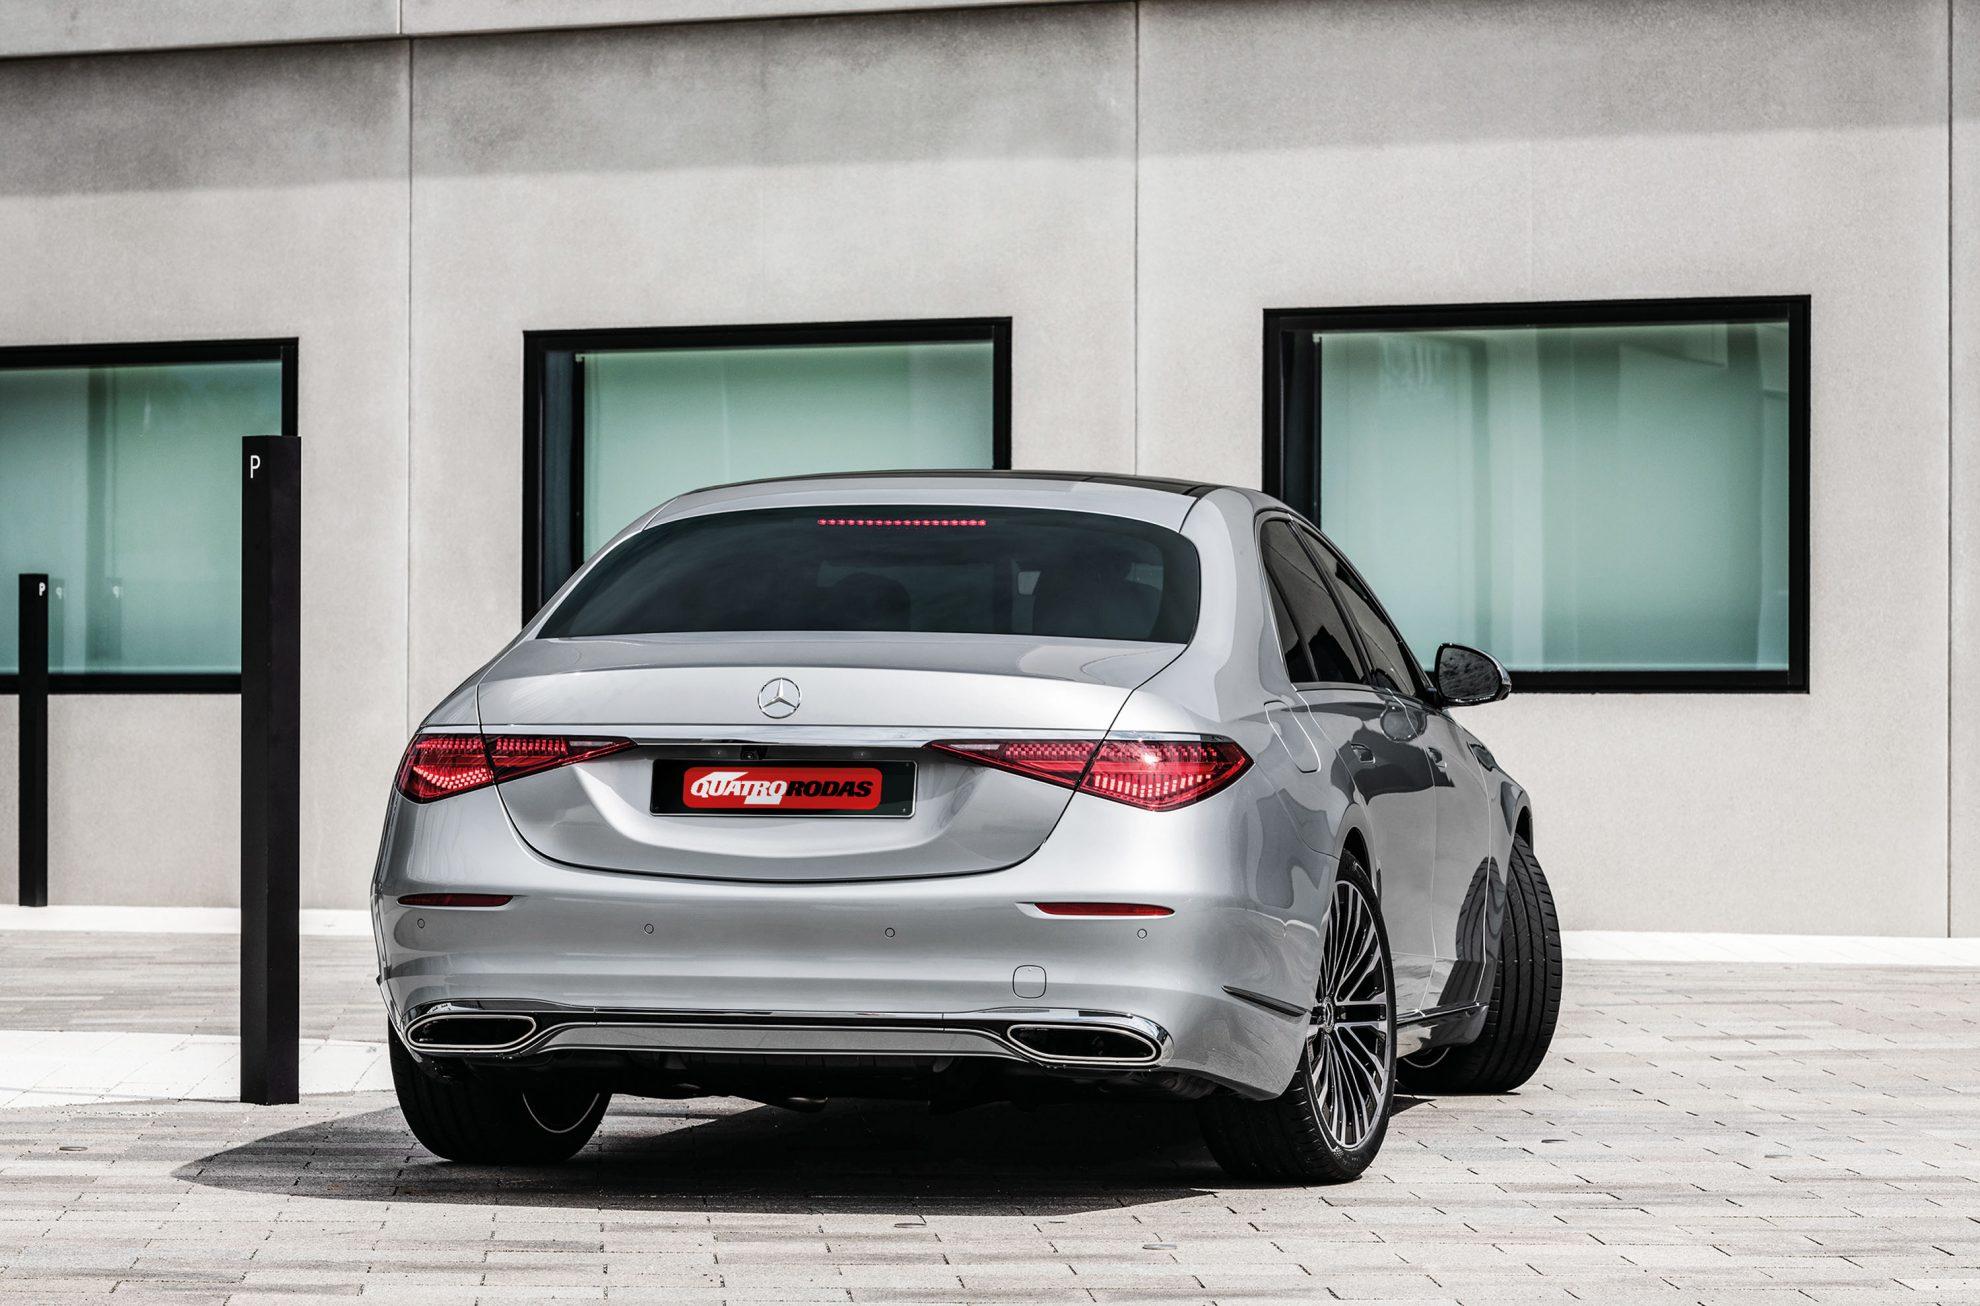 Mercedes-Benz S-Klasse, 2020, Outdoor, Standaufnahme, Exterieur: Hightechsilber // Mercedes-Benz S-Class, 2020, outdoor, still shot, exterior: hightech silver